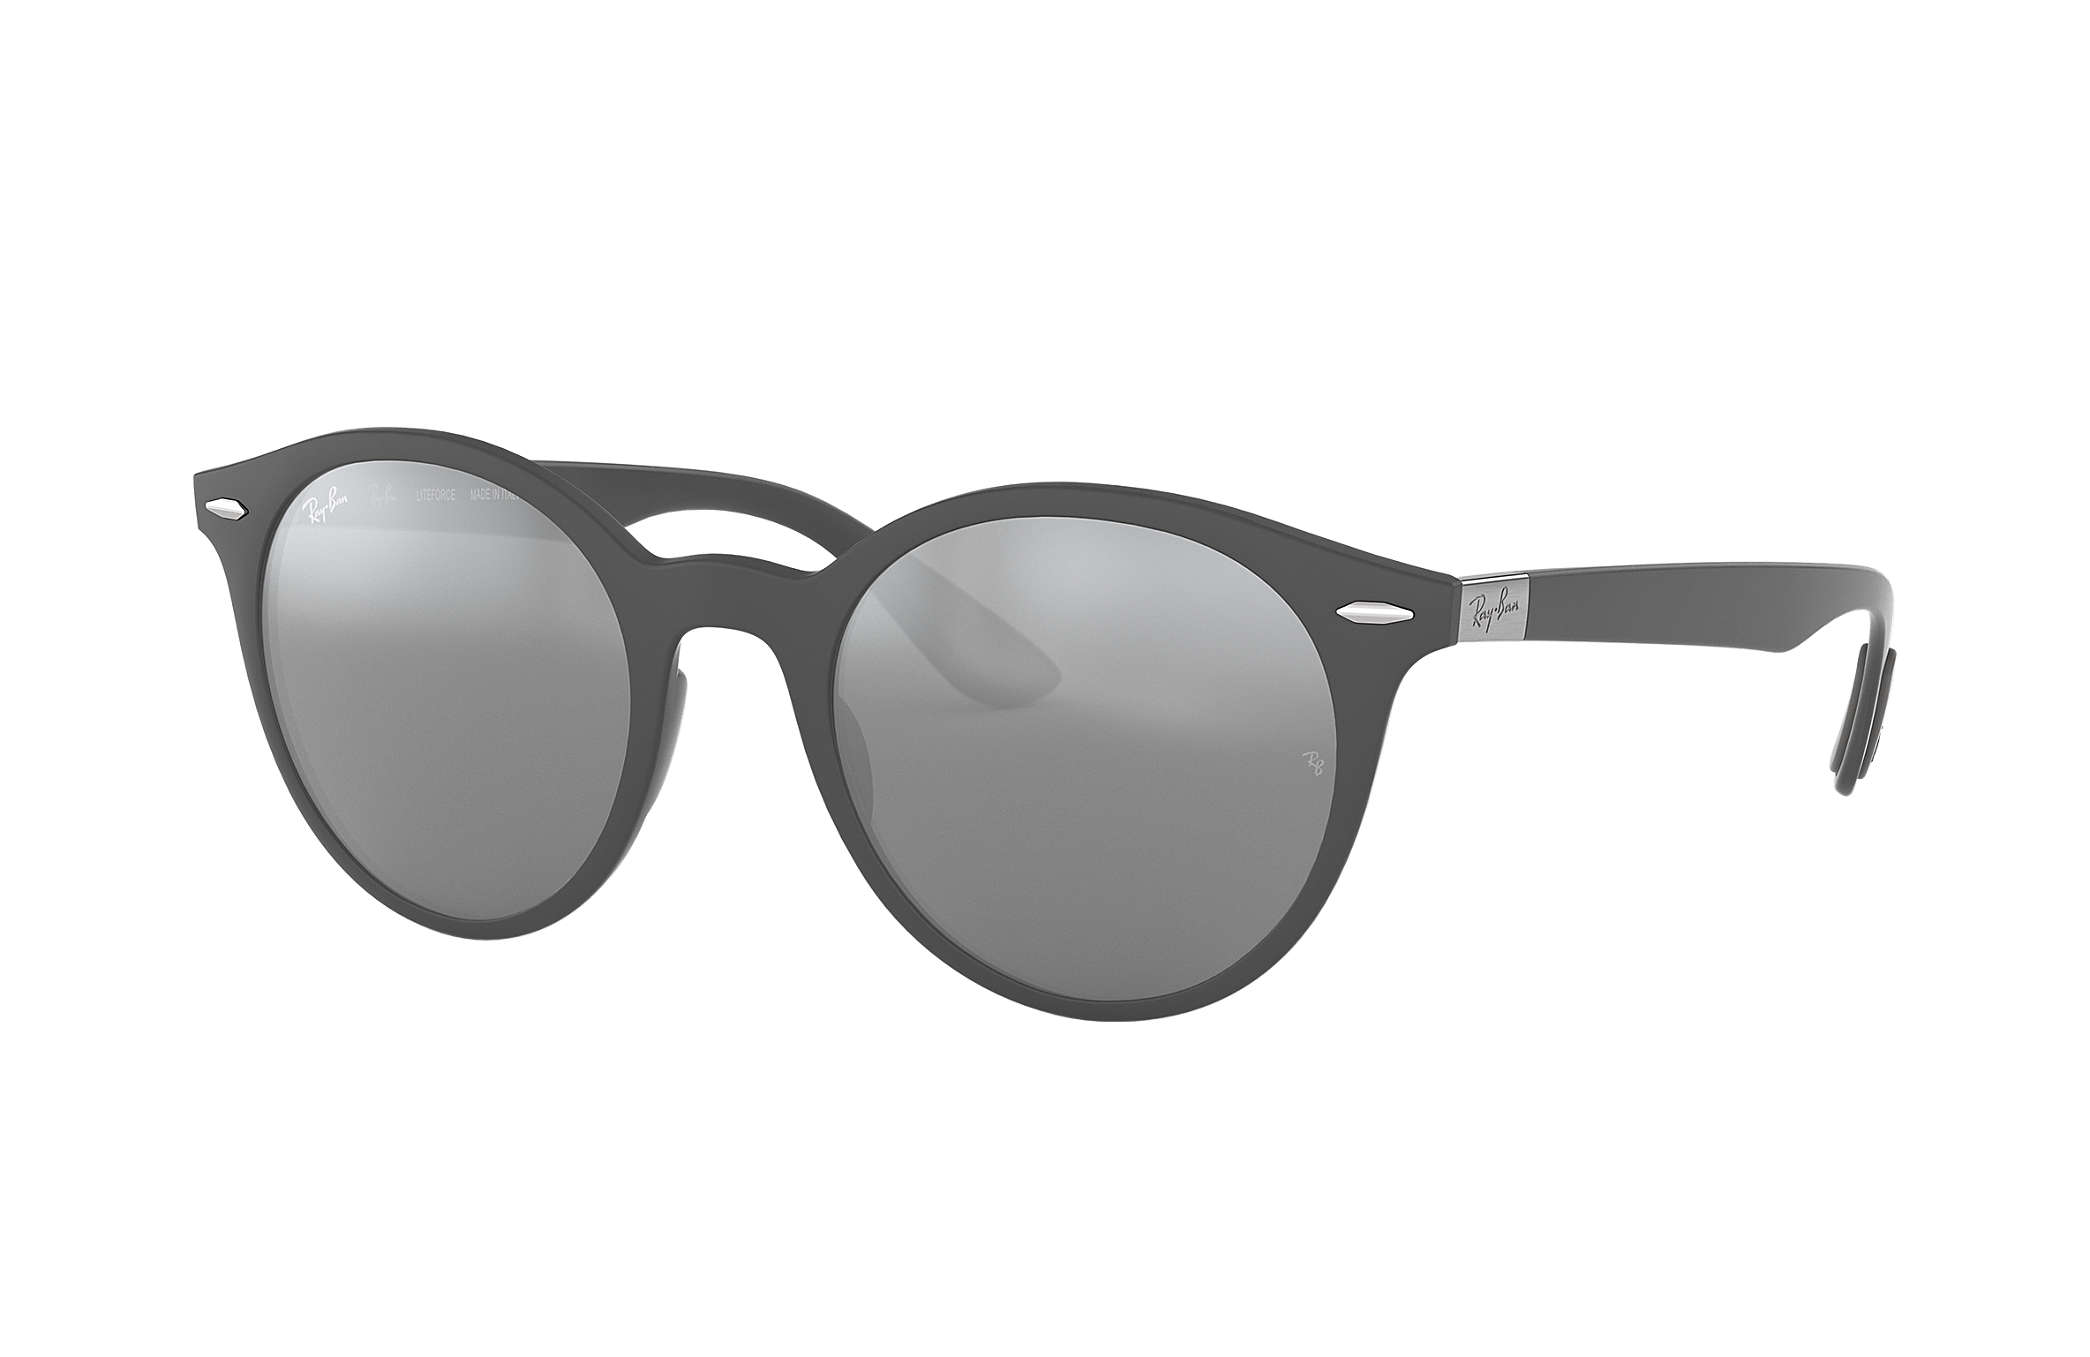 78d0173173 Ray-Ban RB4296 Grey - Peek - Grey Lenses - 0RB429663328851